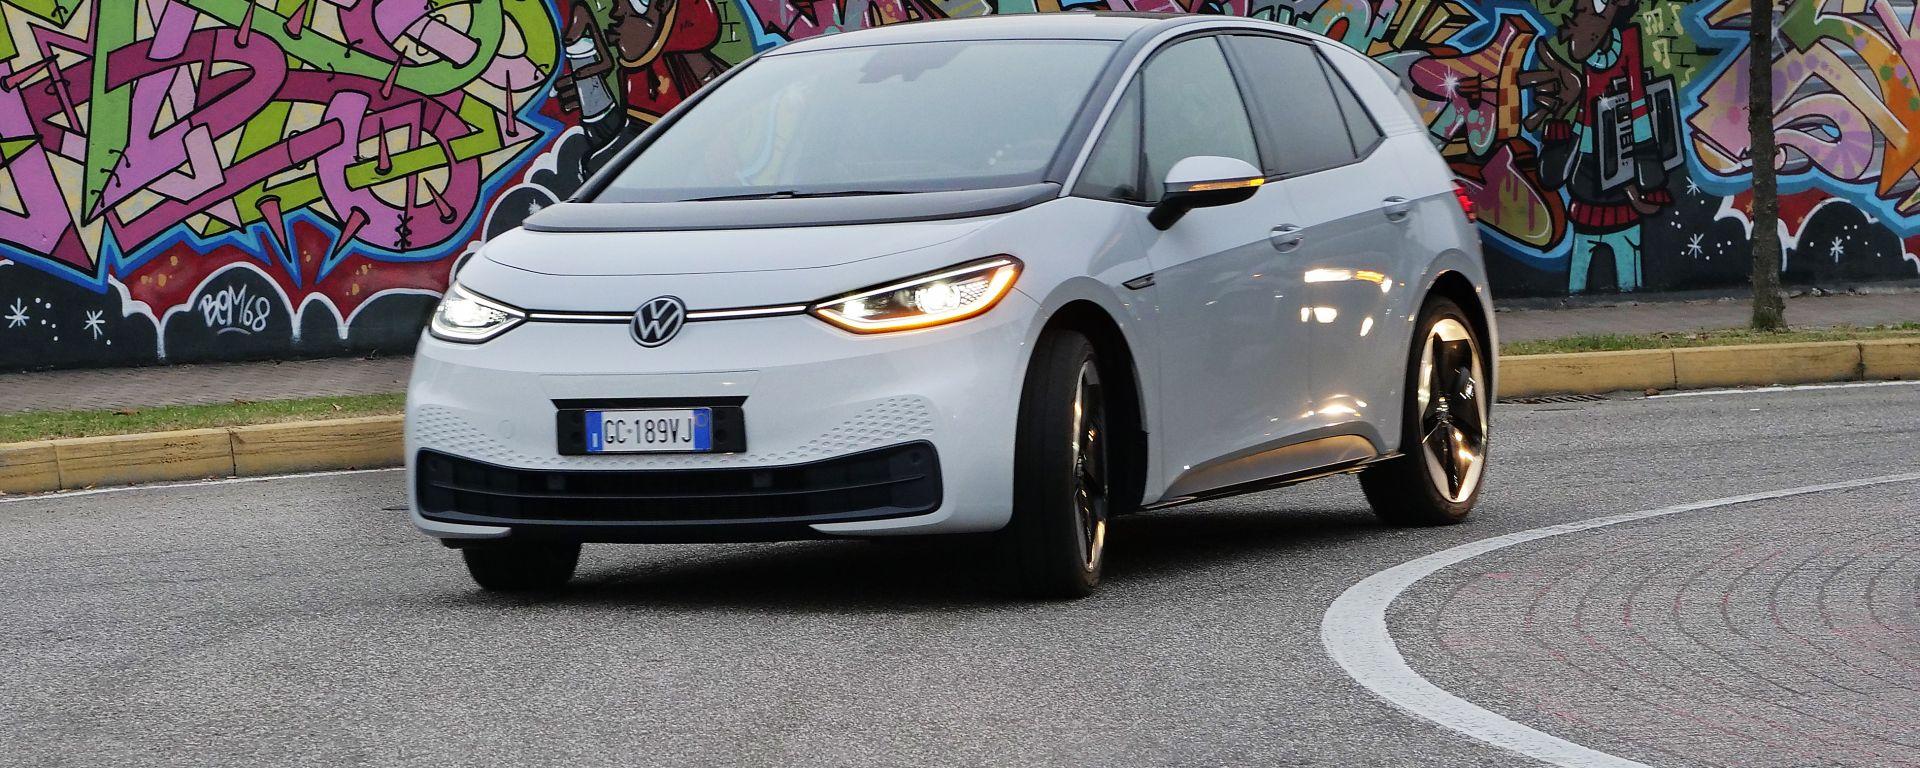 Al volante della Volkswagen ID.3